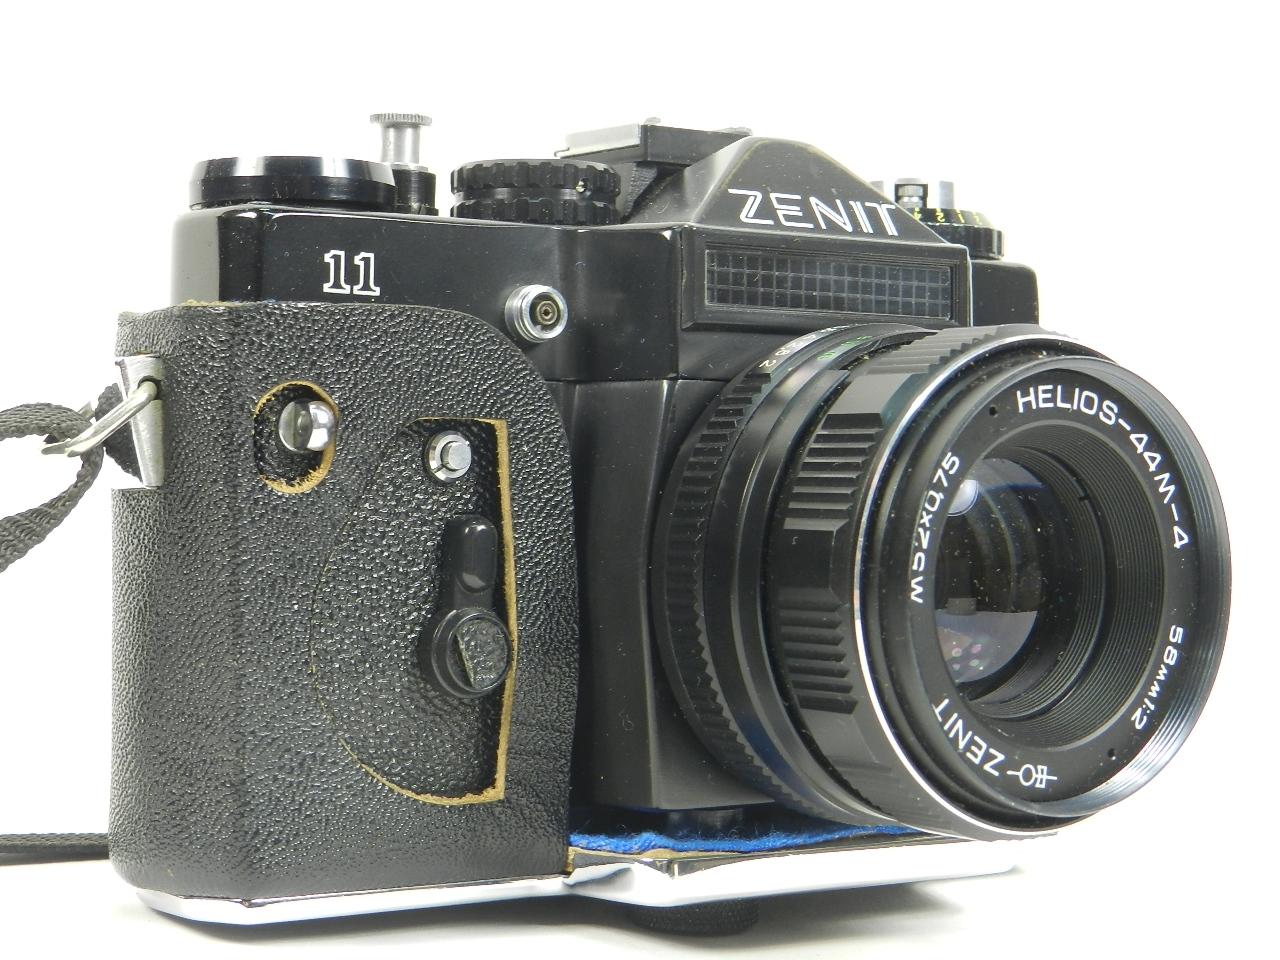 Imagen ZENIT 11 + HELIOS M-4  58mm 1:2 30395